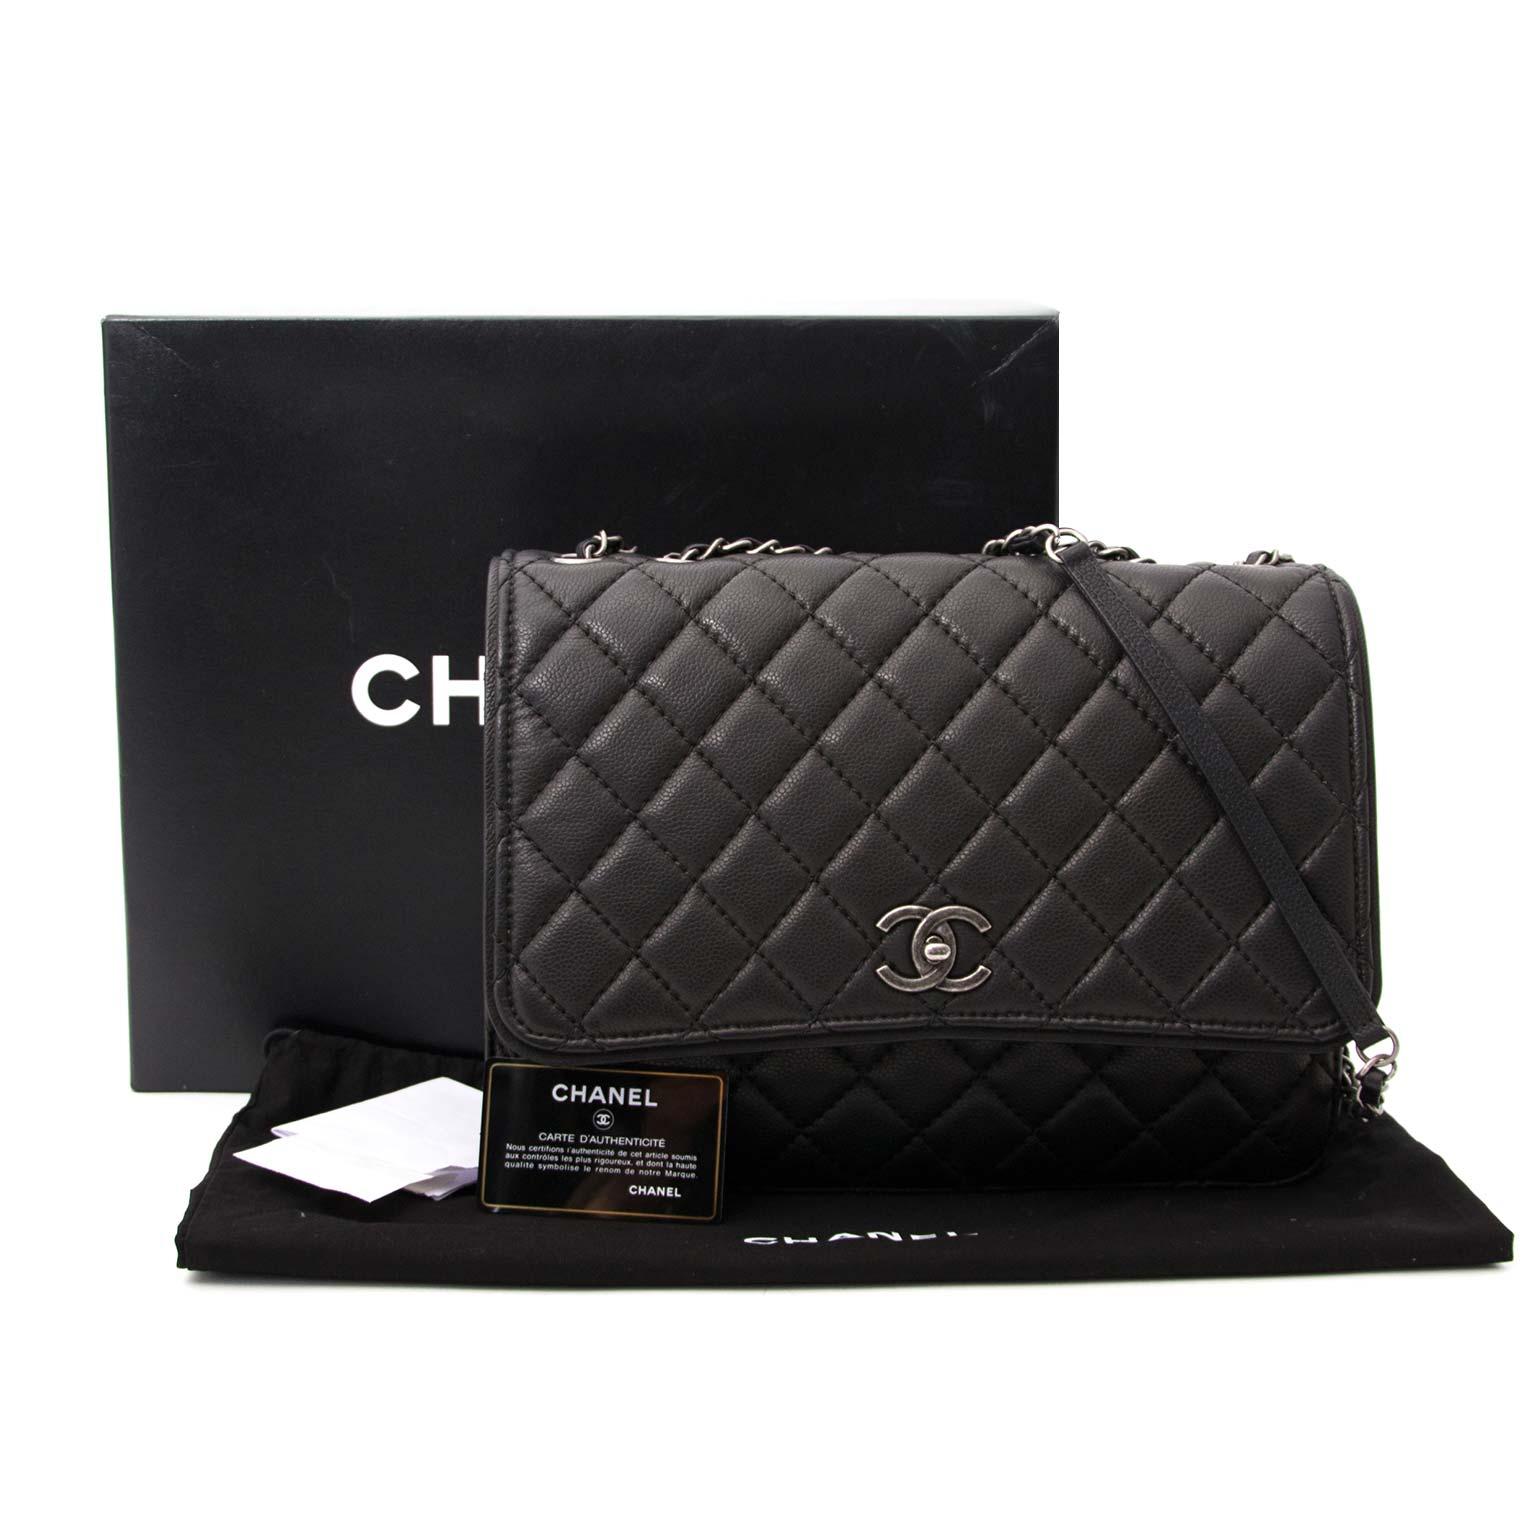 9bbc000310ac62 ... acheter en linge seconde main Chanel Black Caviar 3 Bag pour le  meilleur prix